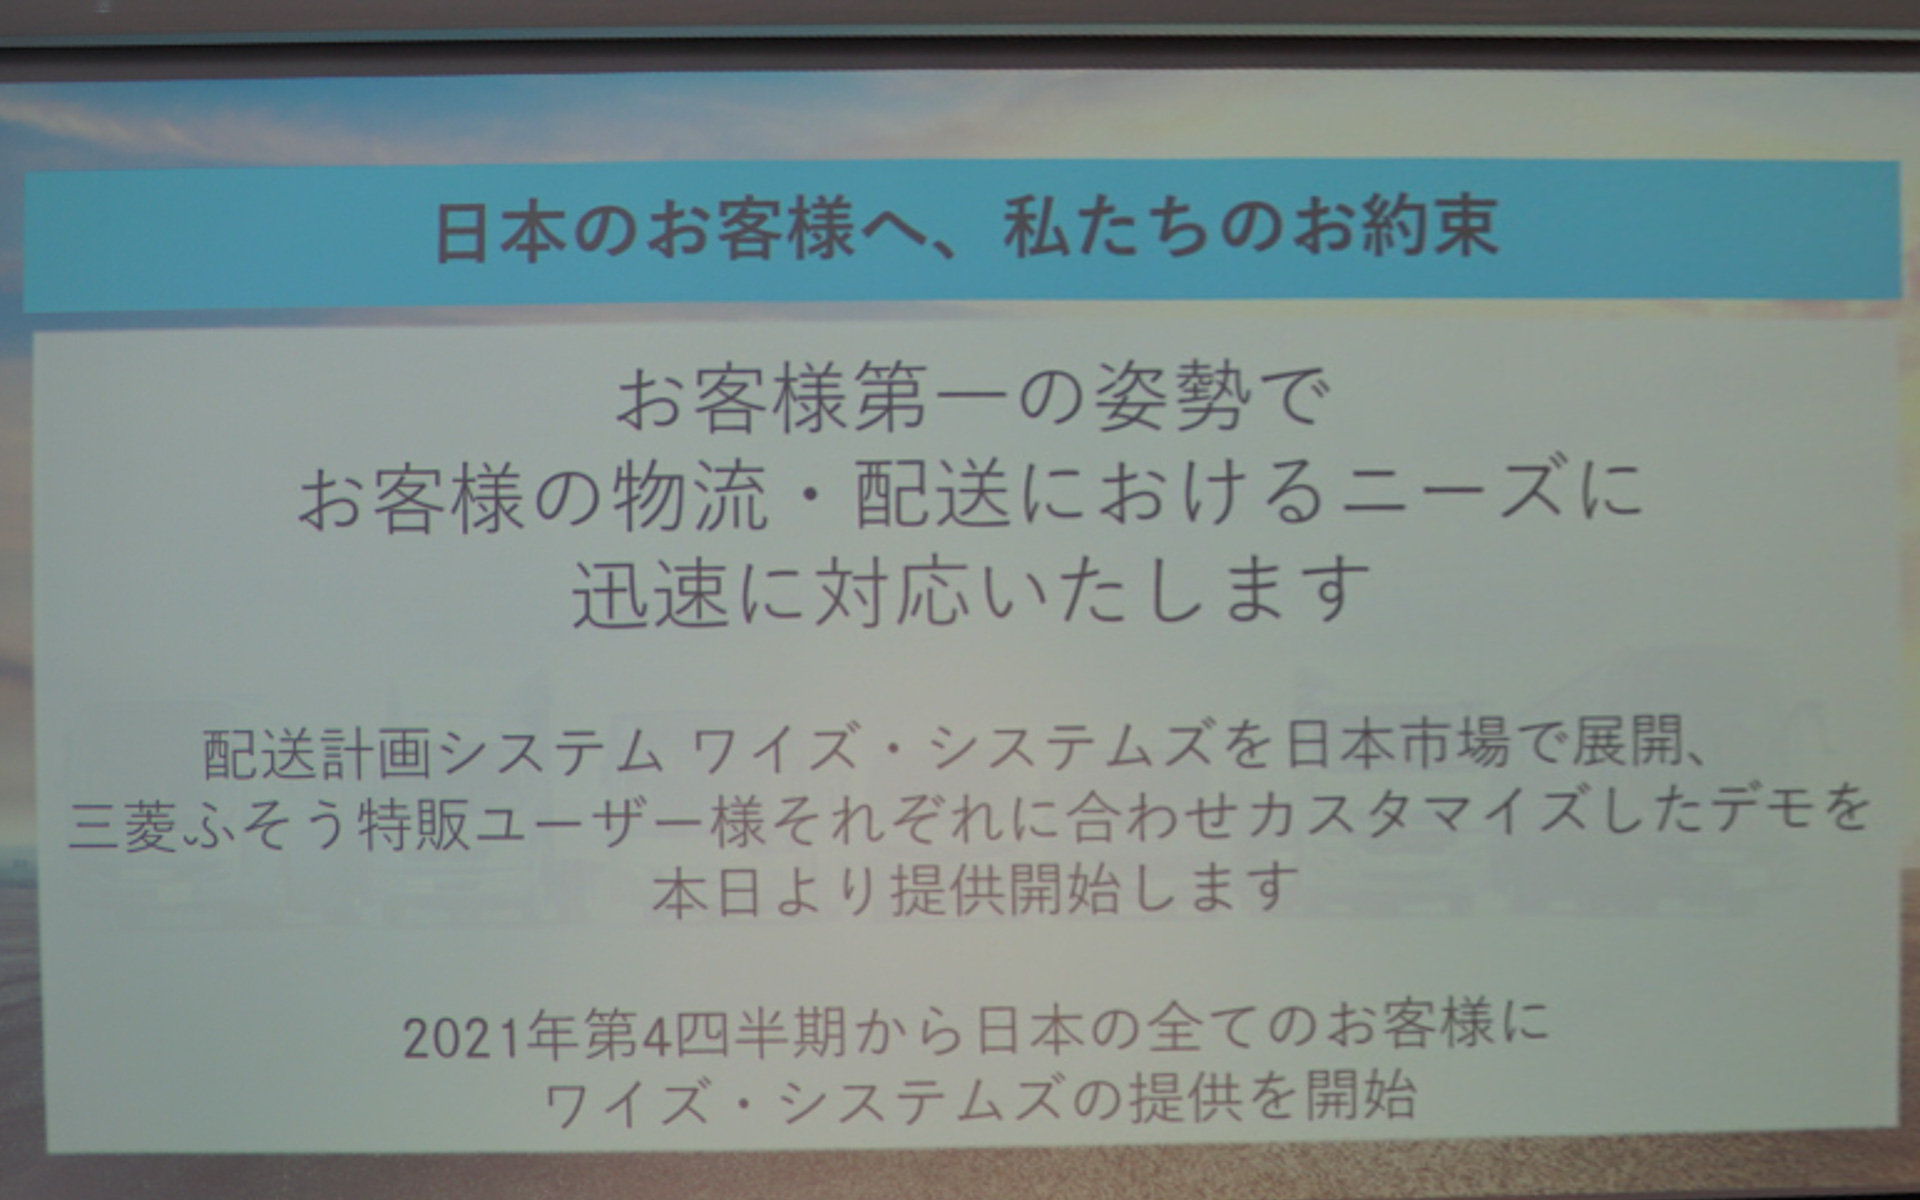 ピーター・ファイグラー氏のプレゼンテーションスライド